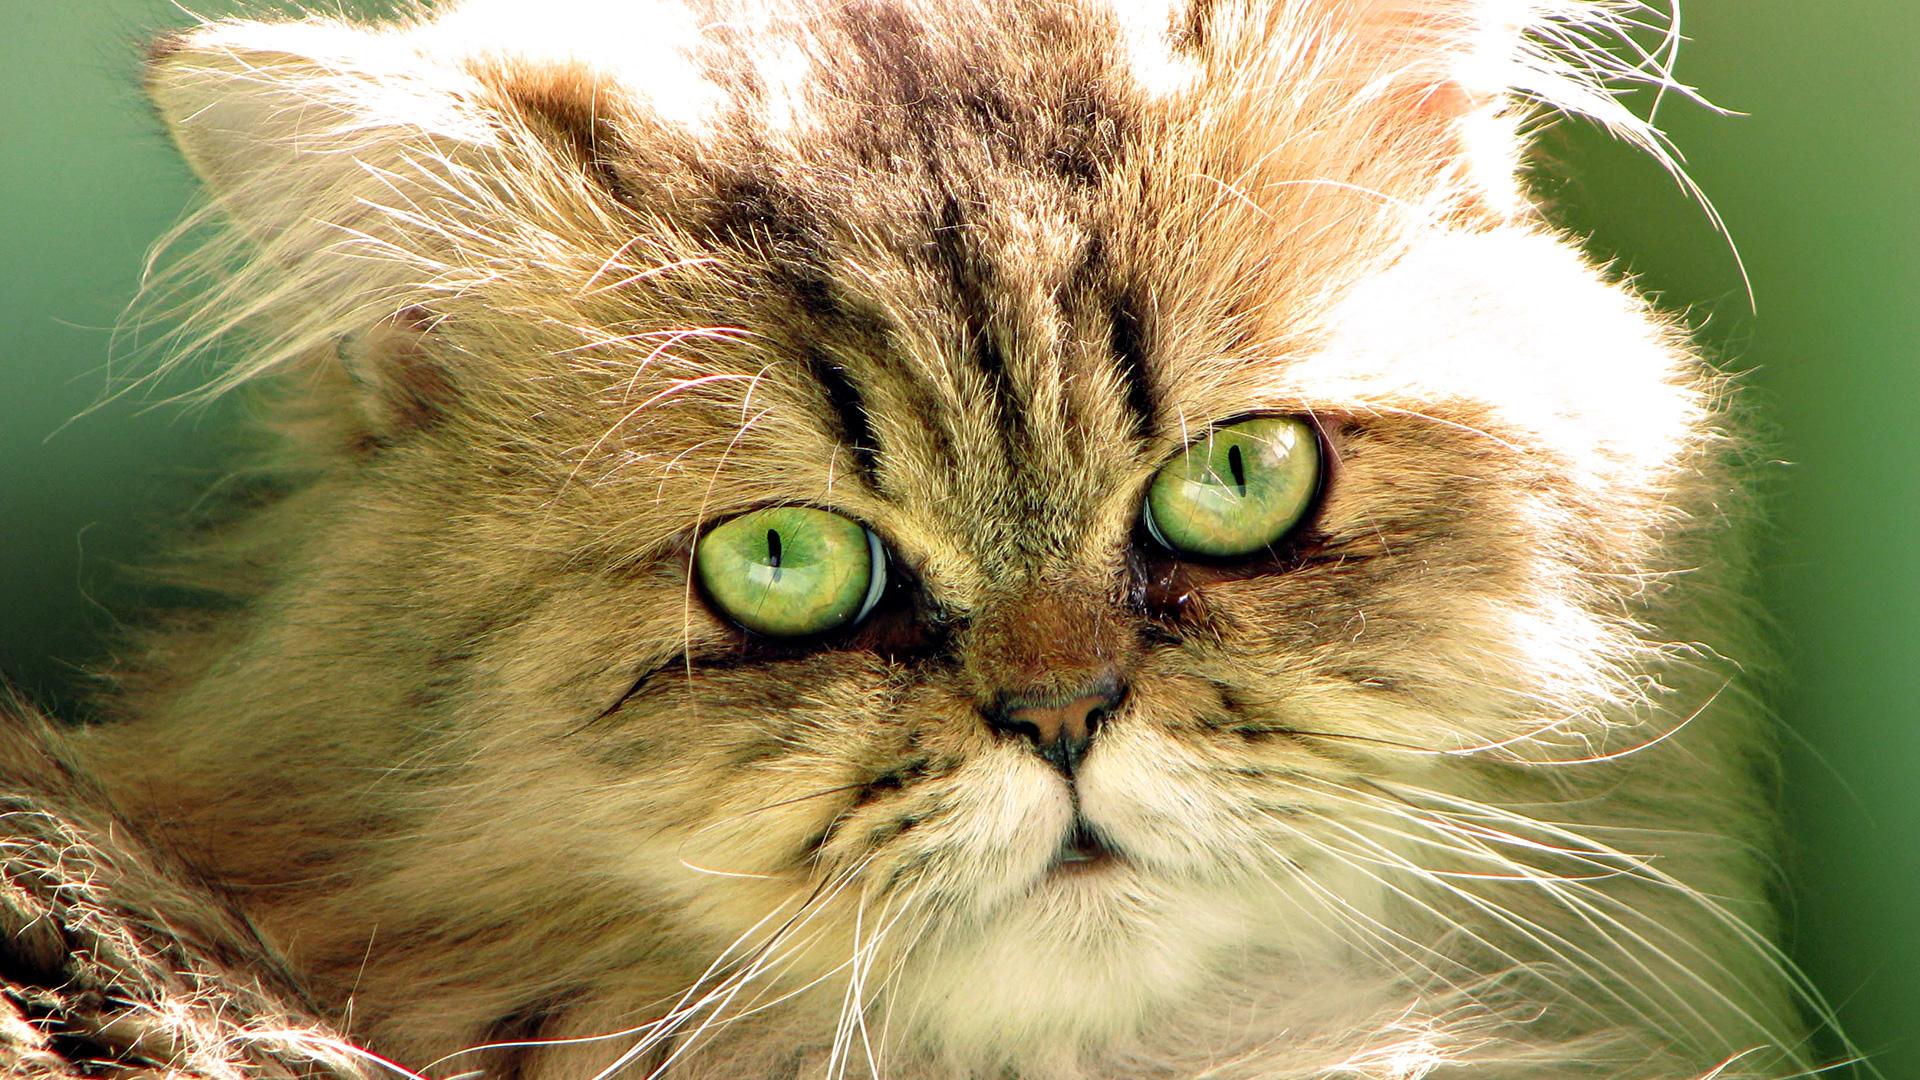 кошка глаза шерсть  № 1963612 бесплатно